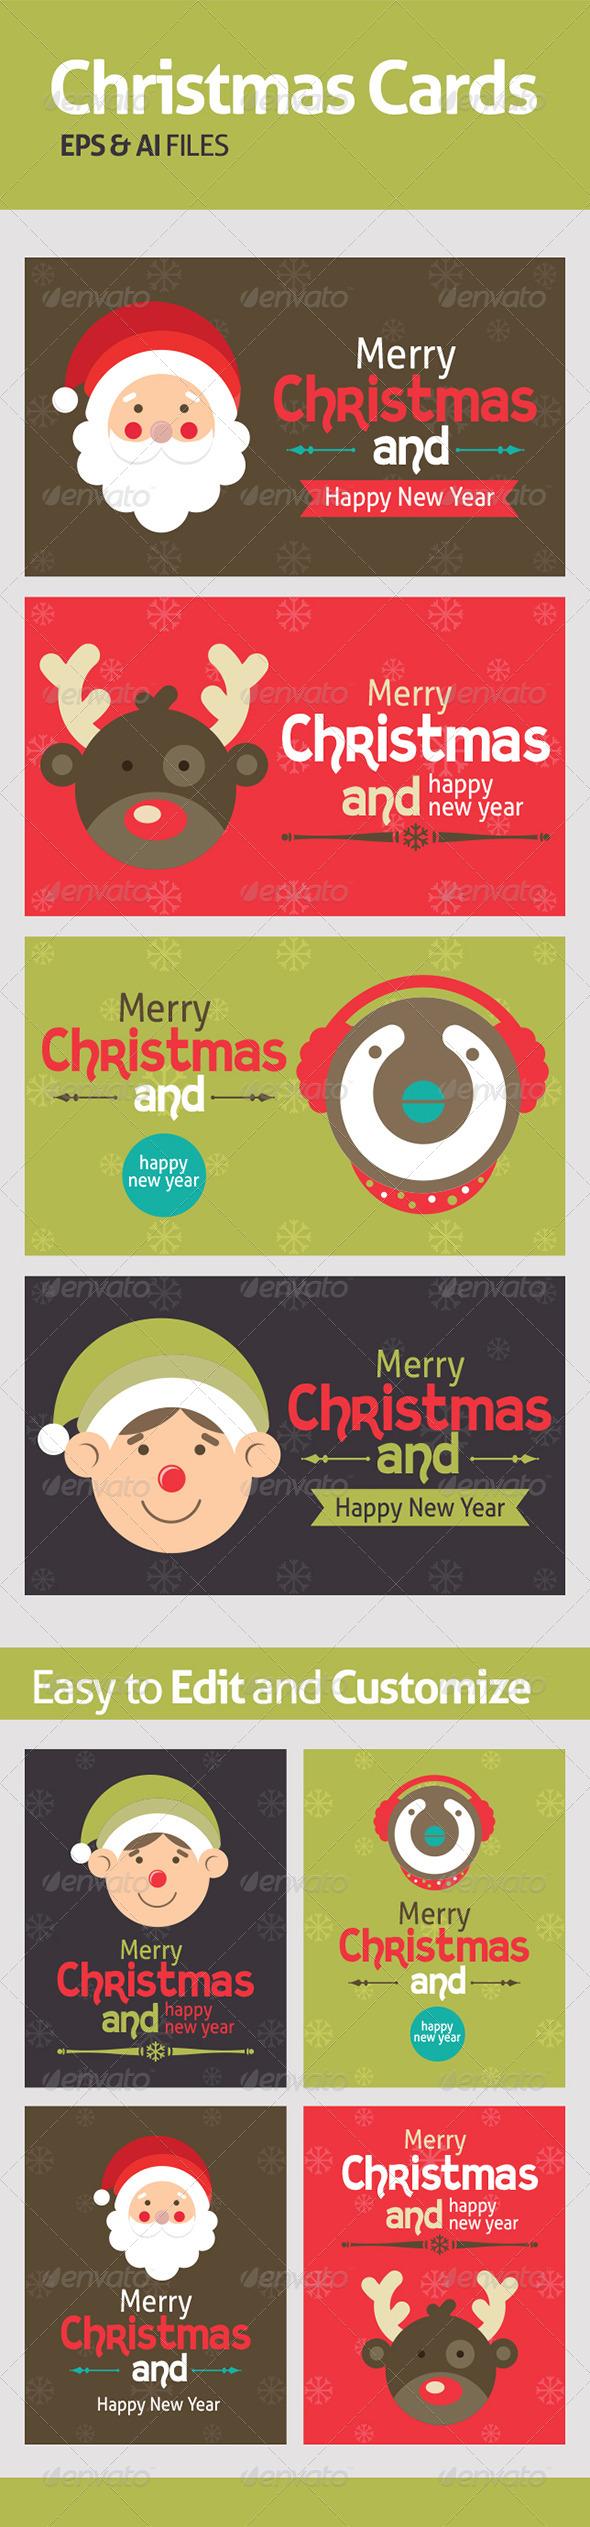 Vectors for Chrismas Cards - Seasons Nature